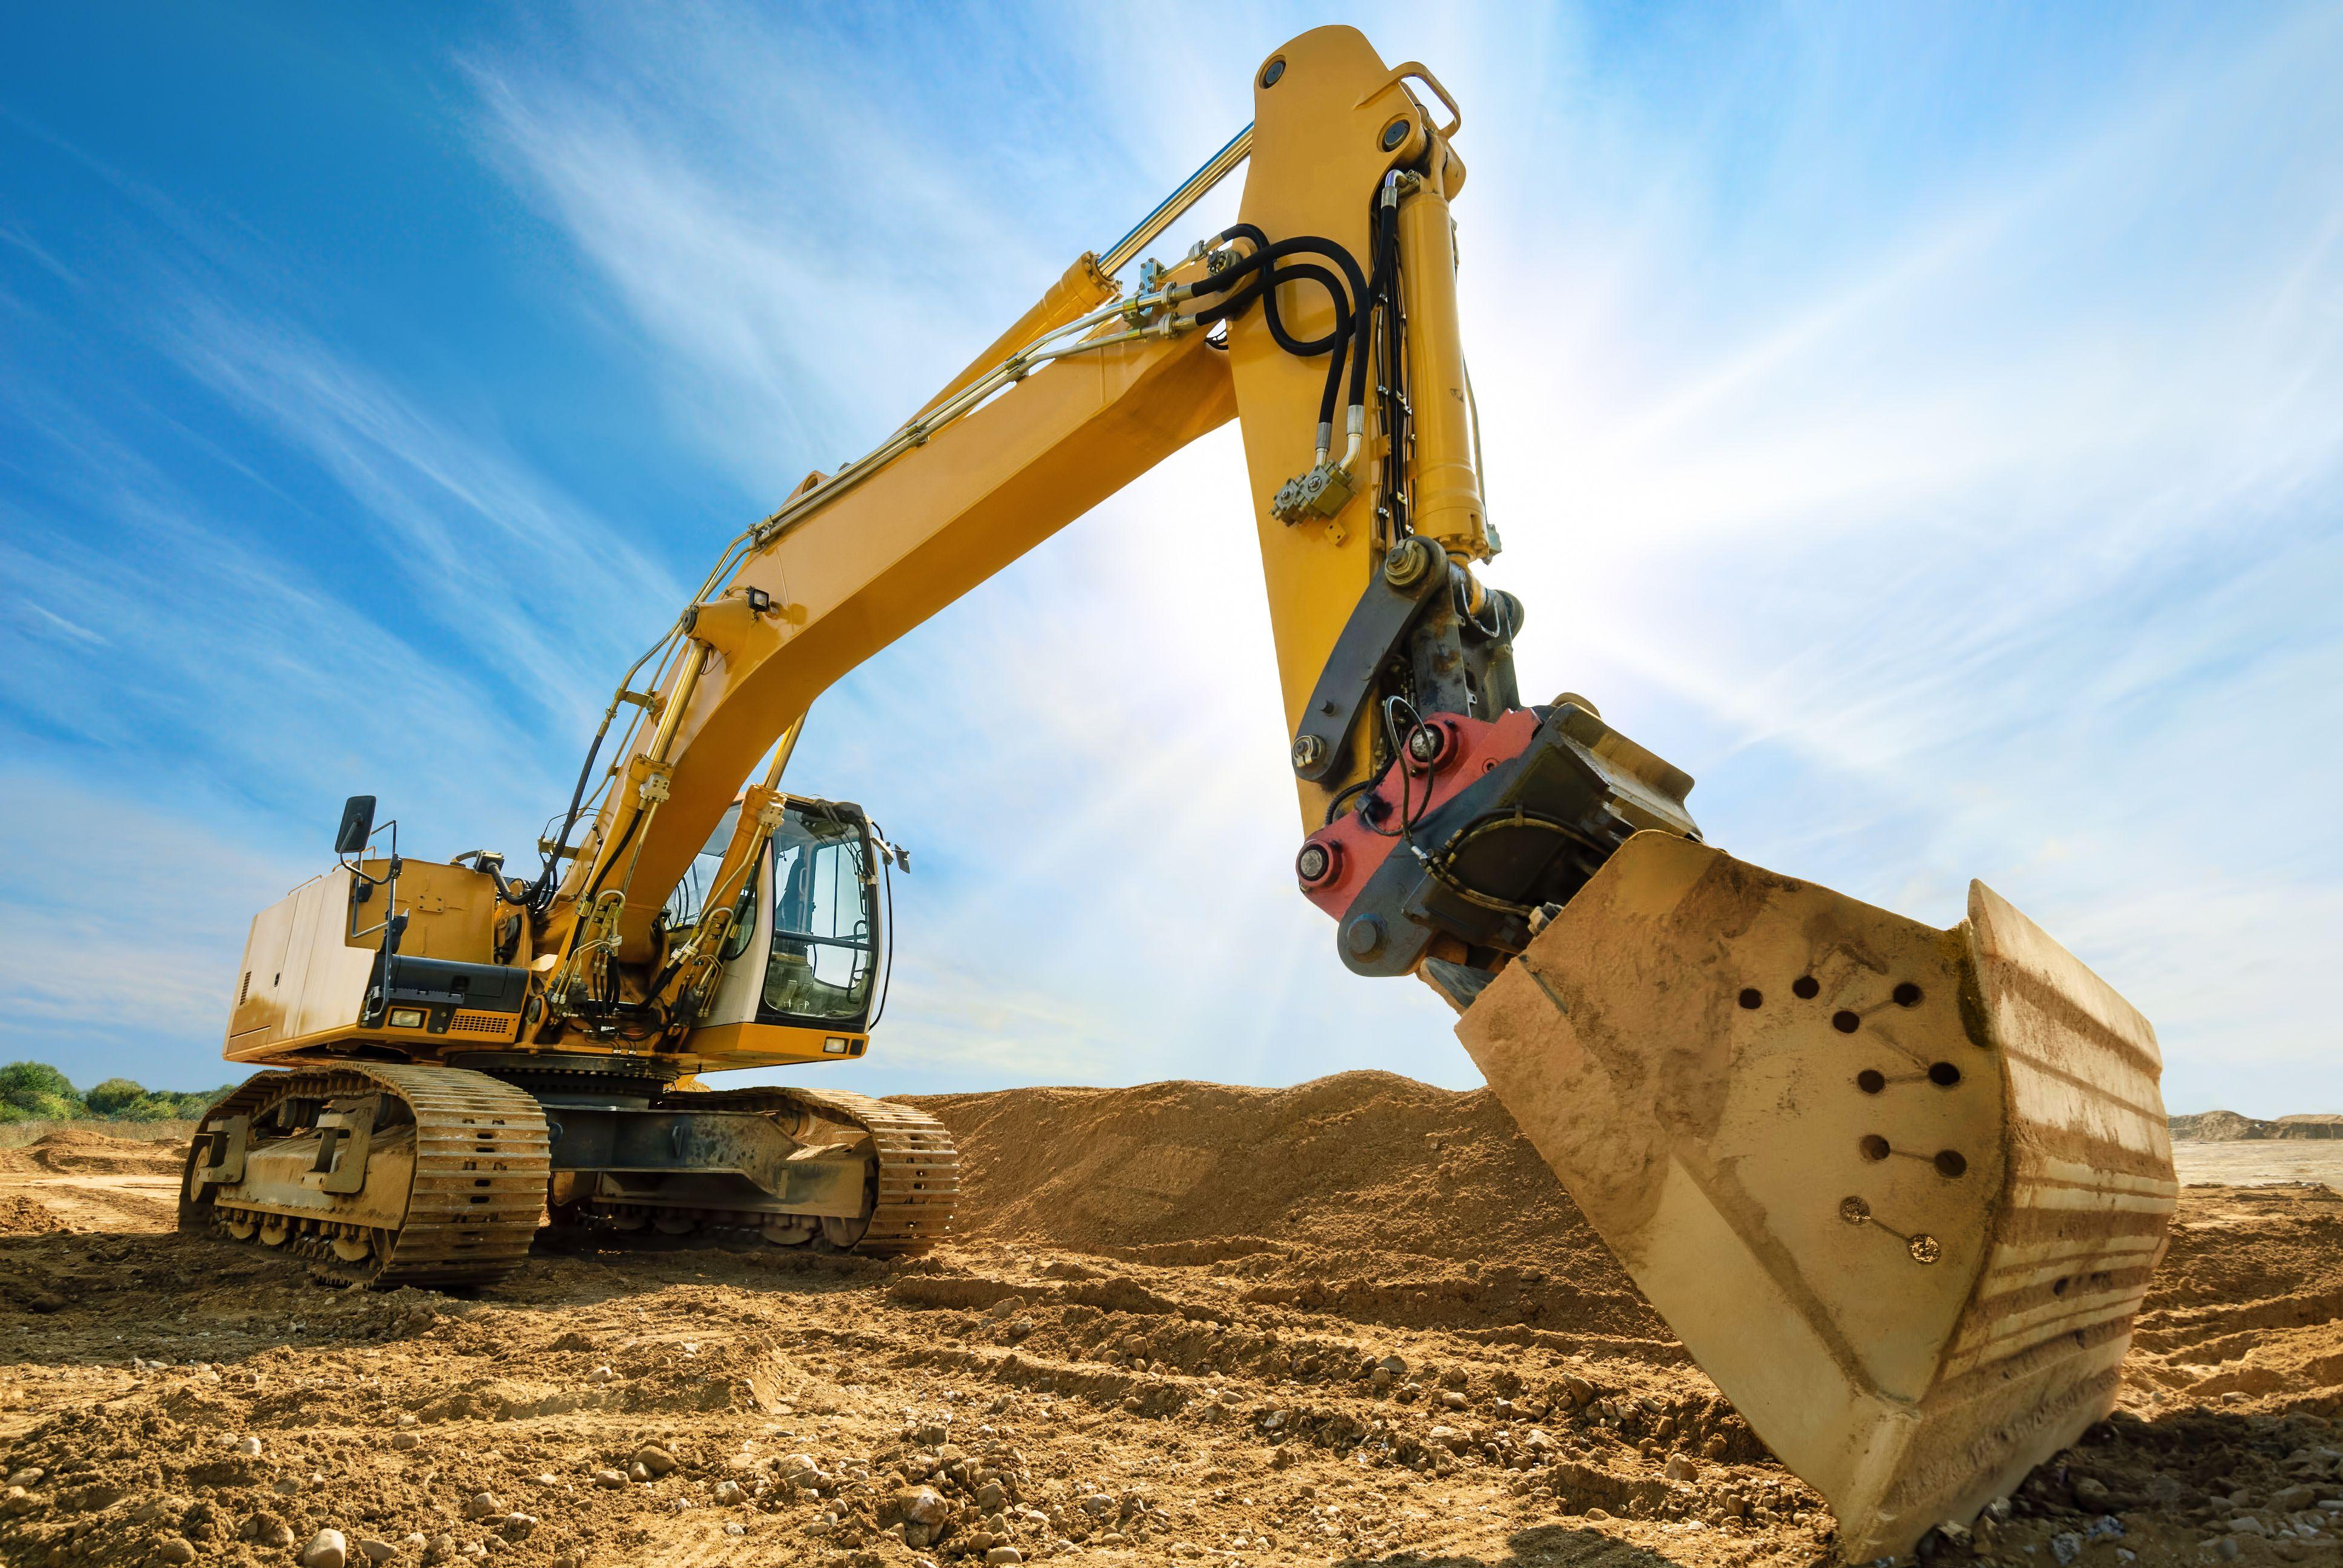 Las Mejores Maquinas De Construccion En Monterrey A La Renta Nueva Construccion Construccion Materiales De Construccion